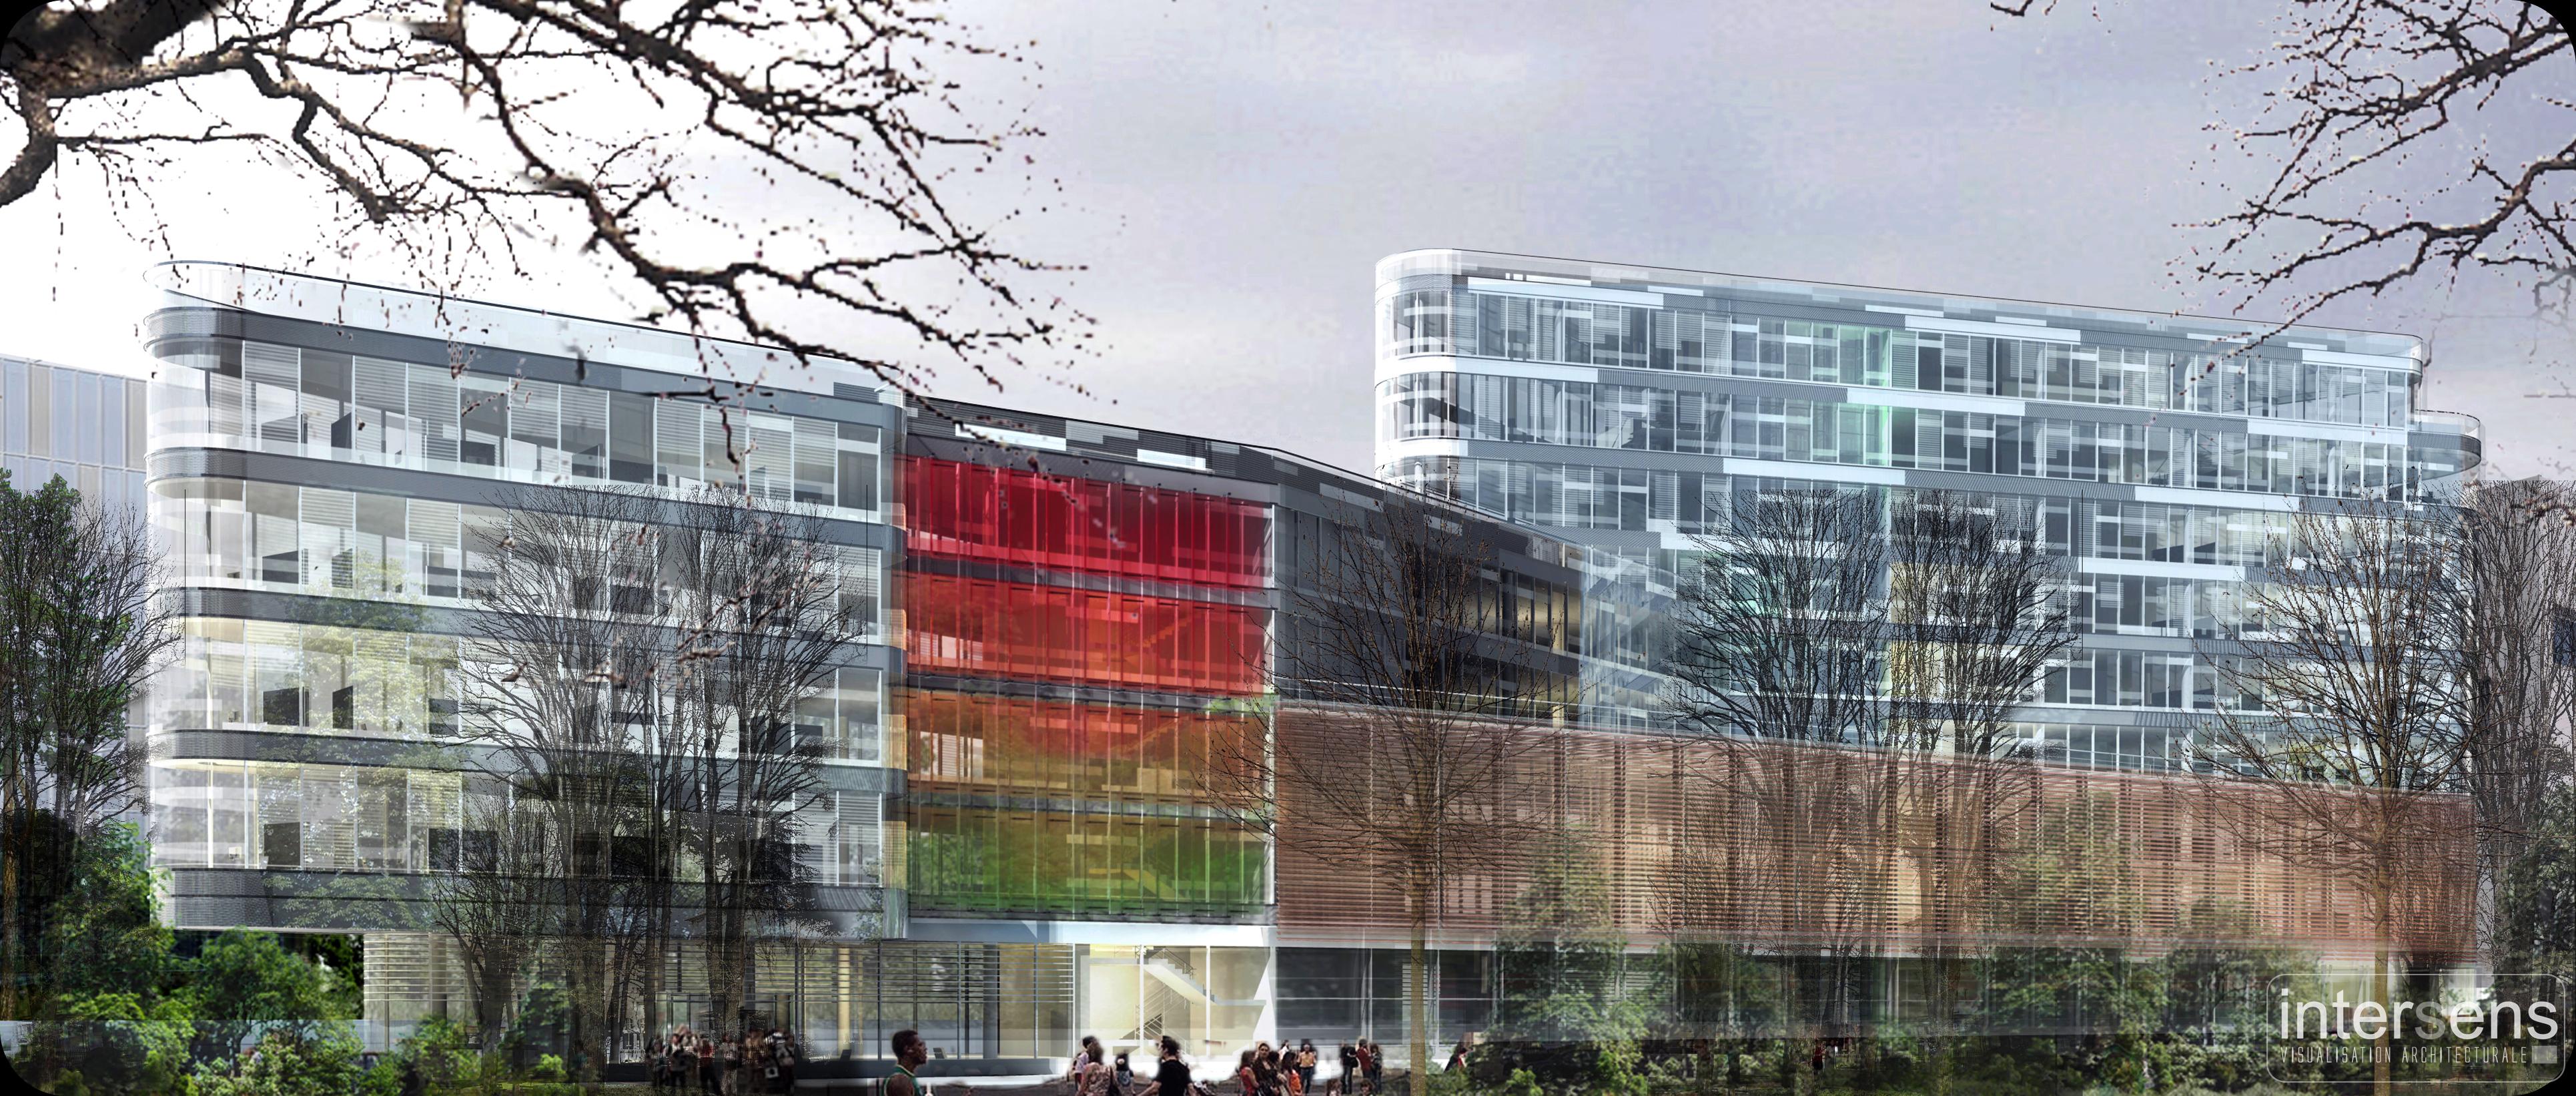 Image_d'Architecture_N05_-_JEAN-PAUL_VIGUIER_ARCHITECTE_-_Siège_social_de_l'Équipe_-_Étude_-_Boulogn